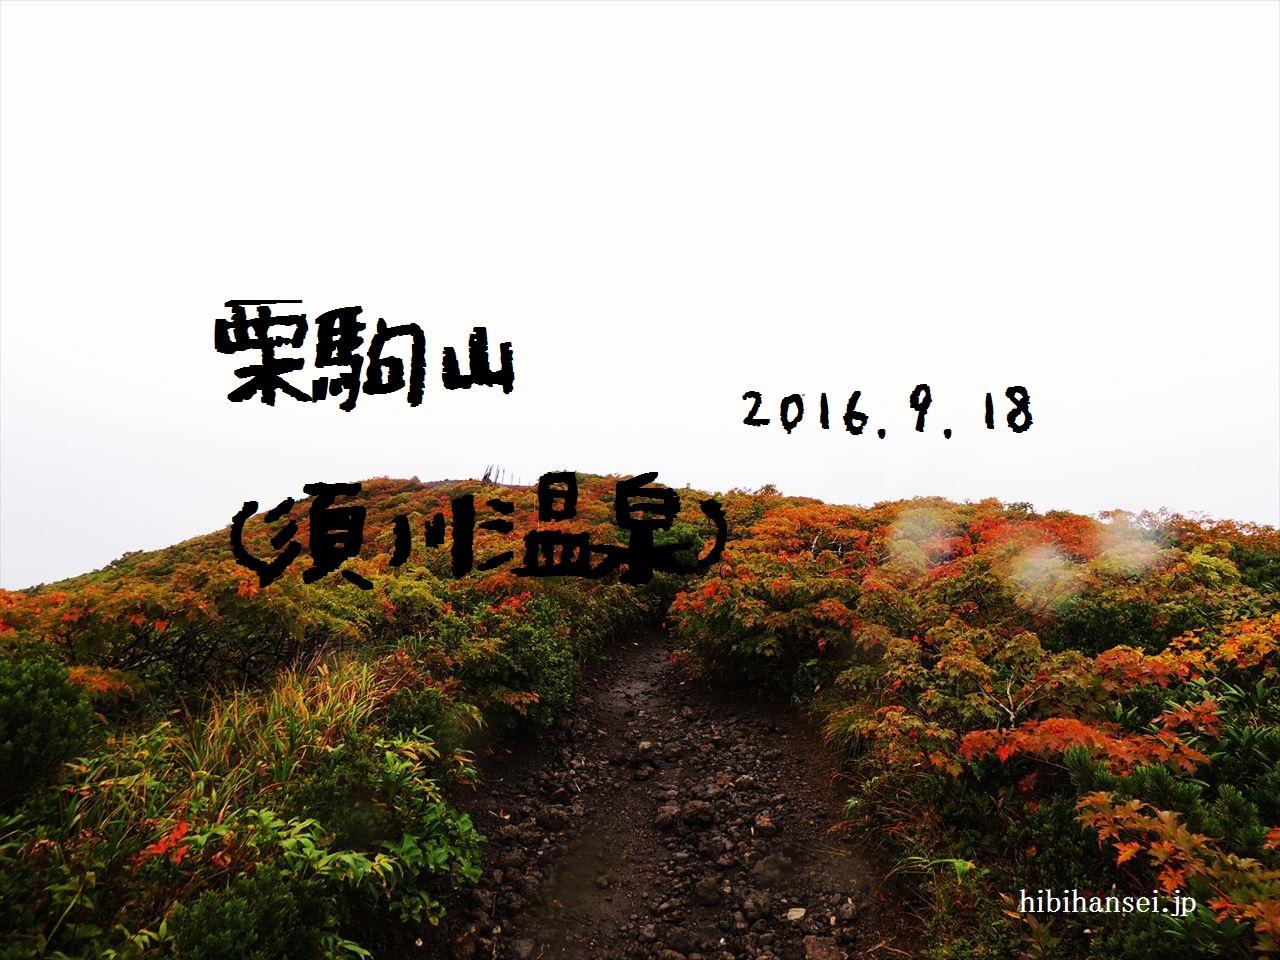 栗駒山 紅葉登山(須川) 秘湯に煙る紅葉紀行 伊達の旅路と雨ざらしの峰 (2016.9.18)